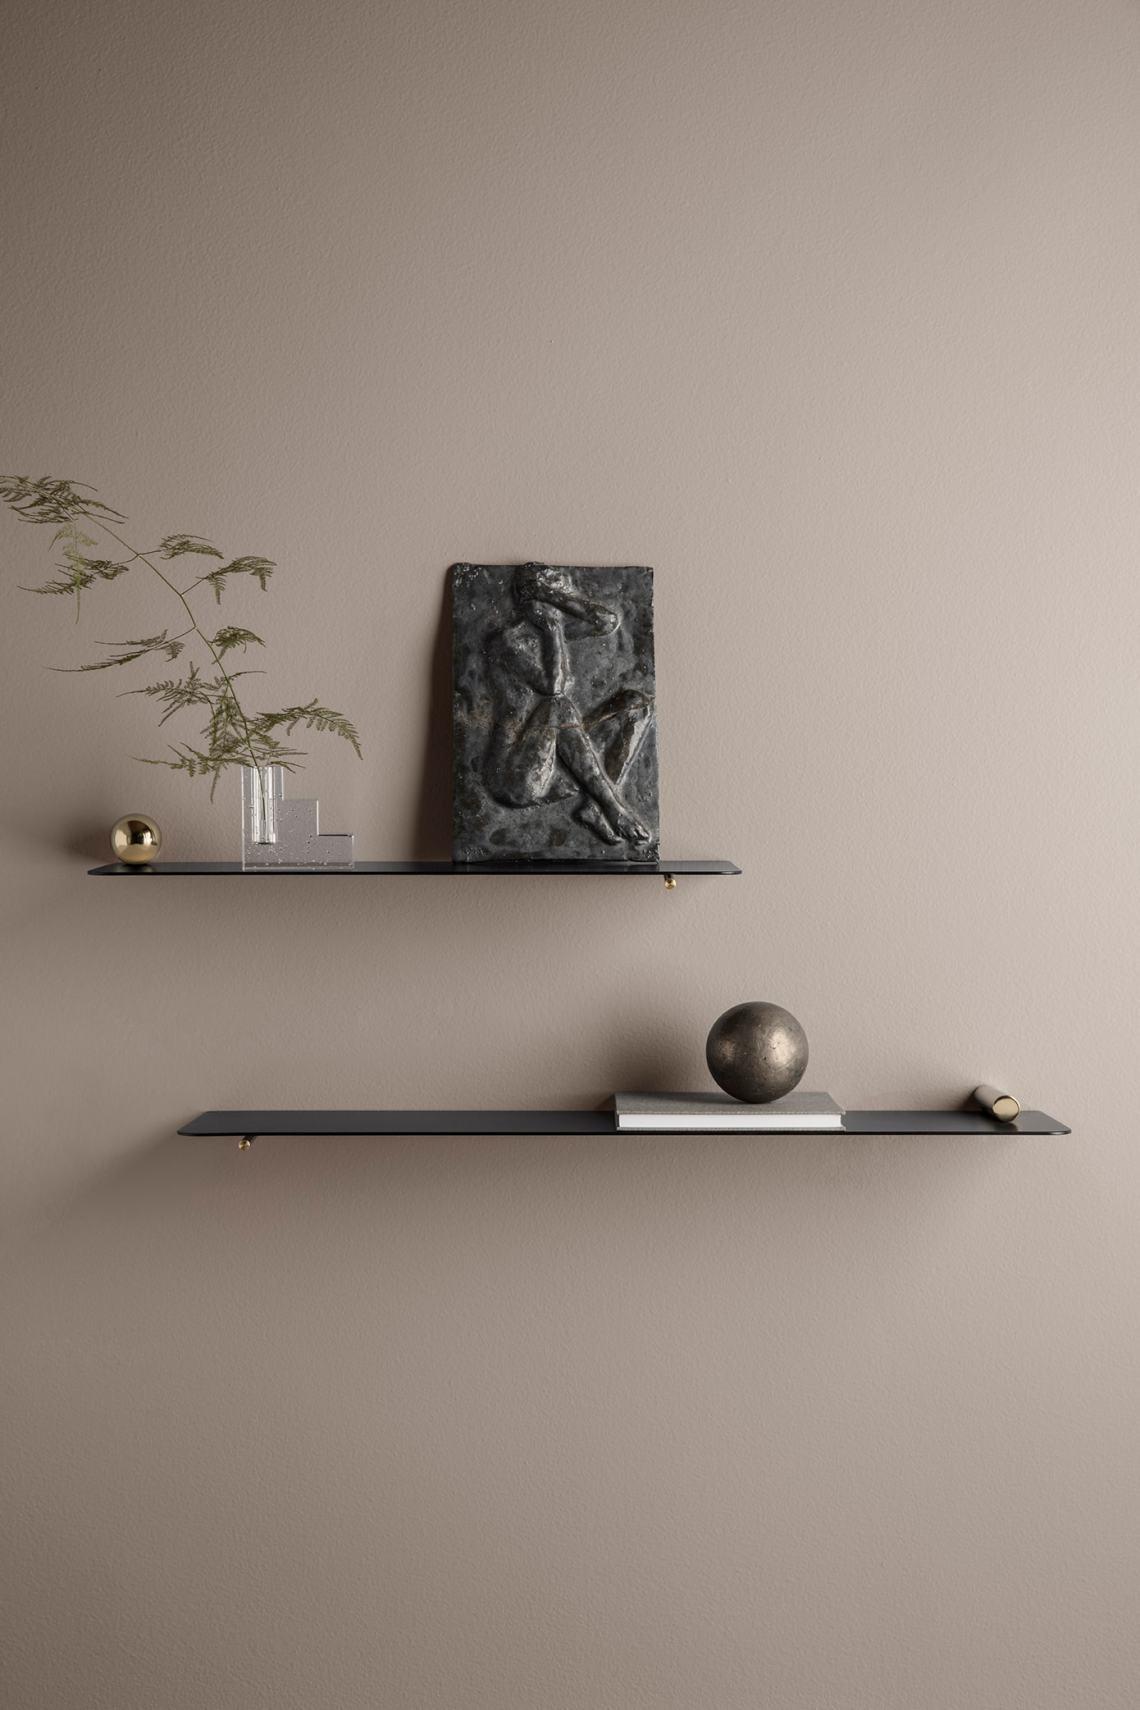 Ferm Living SS18 - via Coco Lapine Design blog